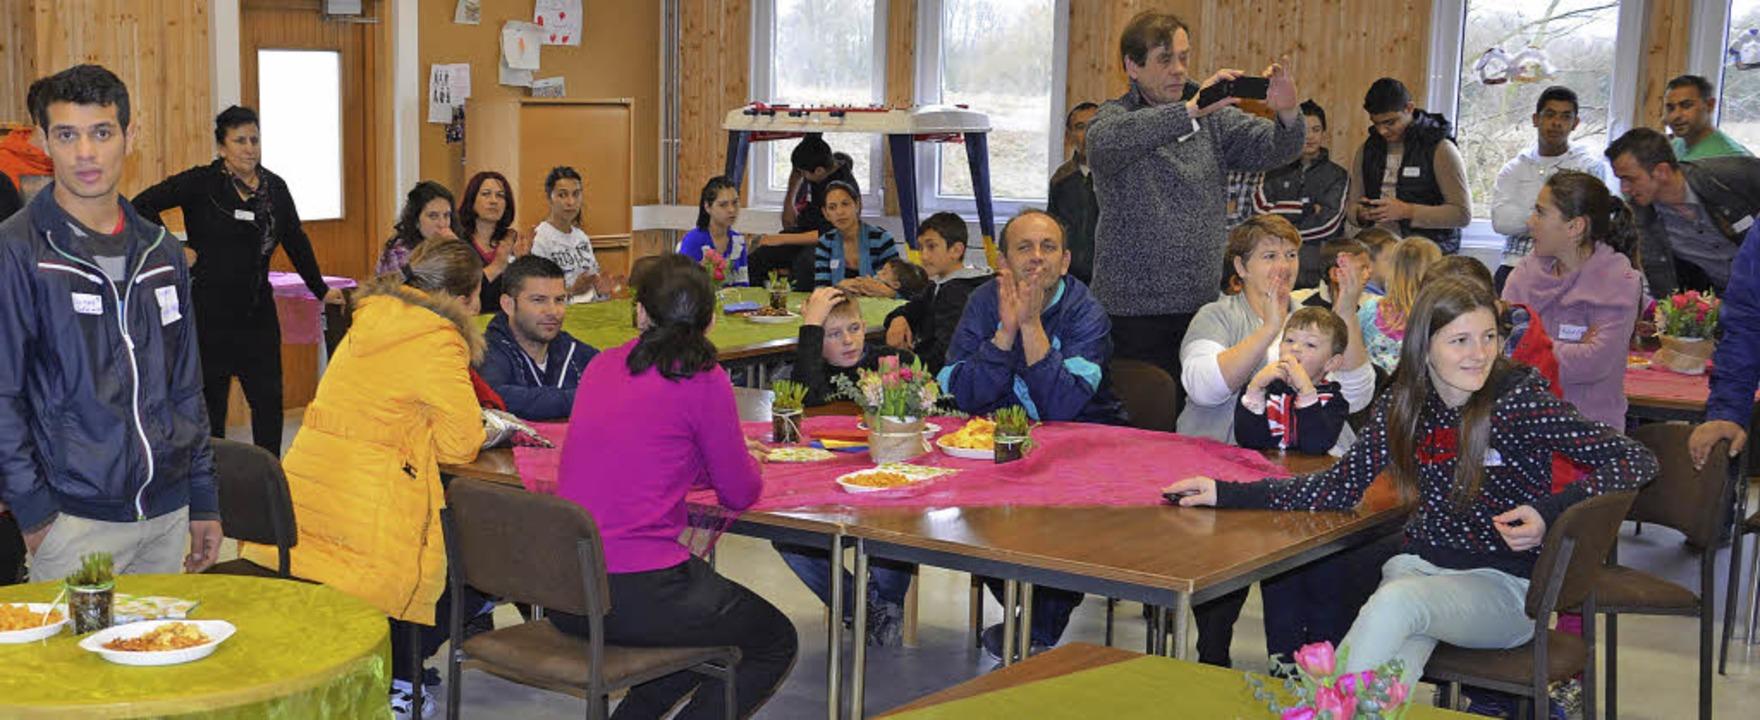 Nach dem Fest im Februar plant der Asy... weitere Veranstaltungen im Asylheim.     Foto: archivfoto: schopferer